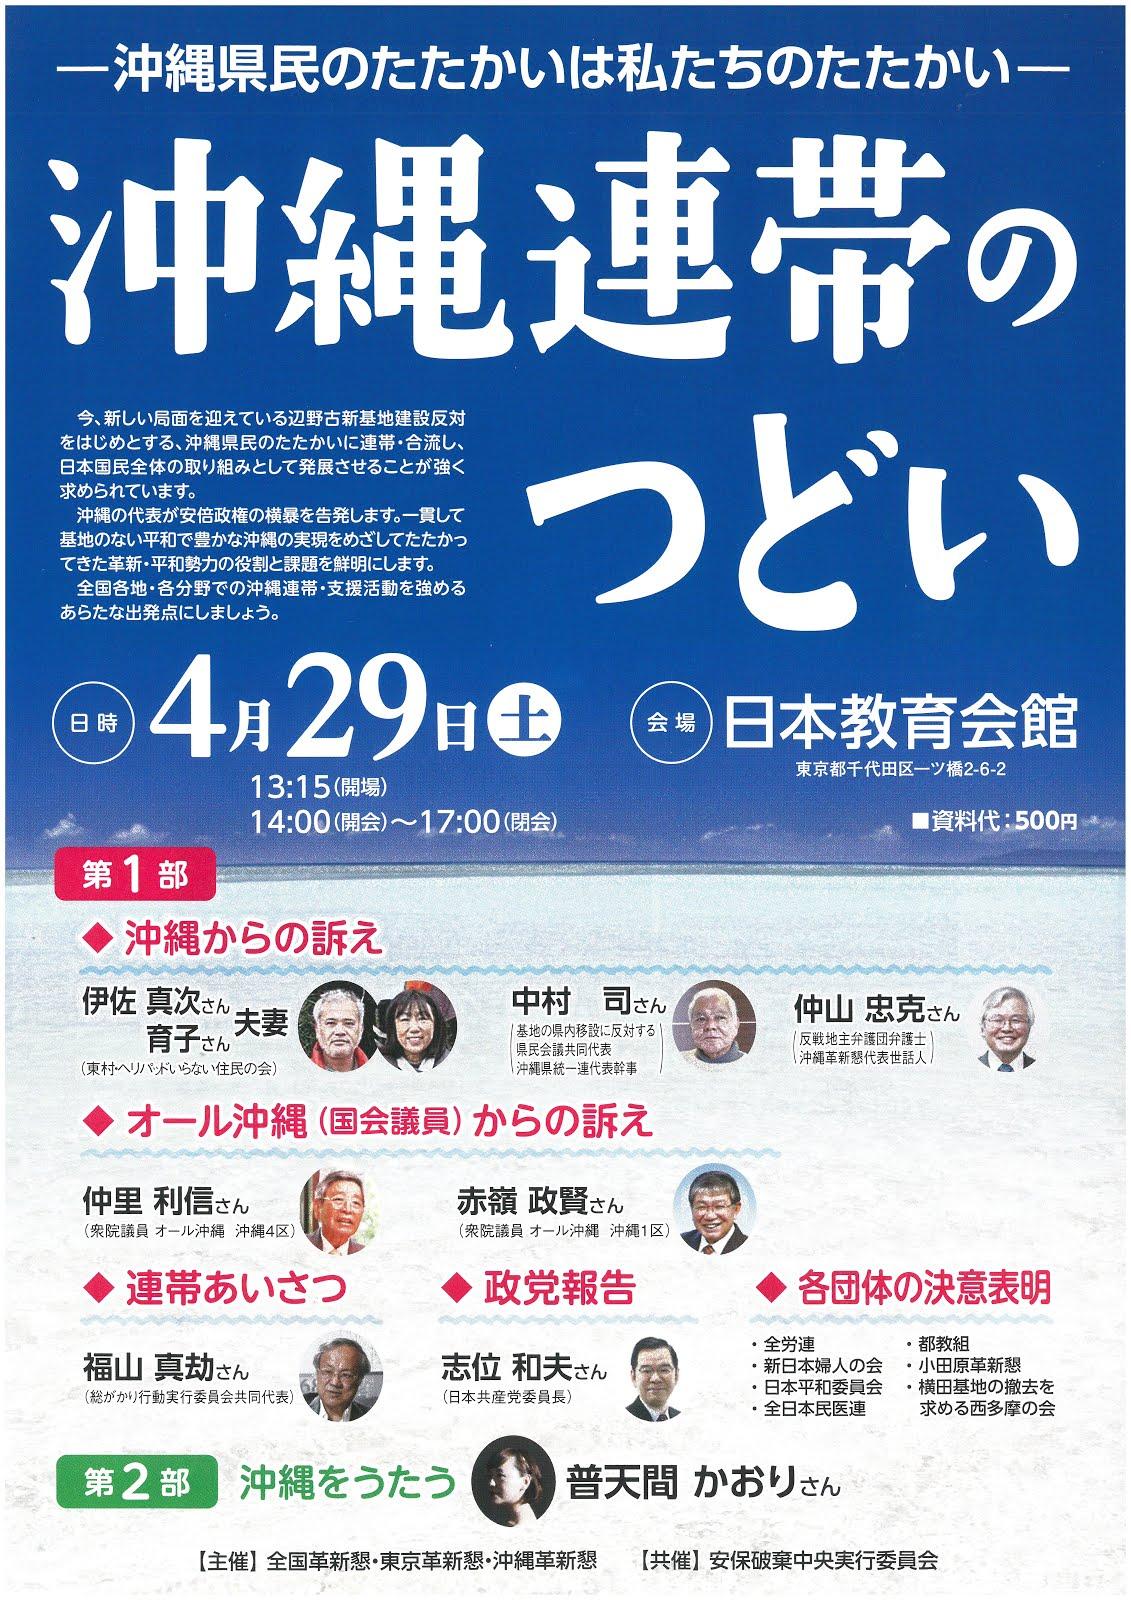 沖縄連帯のつどい         4月29日(土)開始・午後2時 日本教育会館